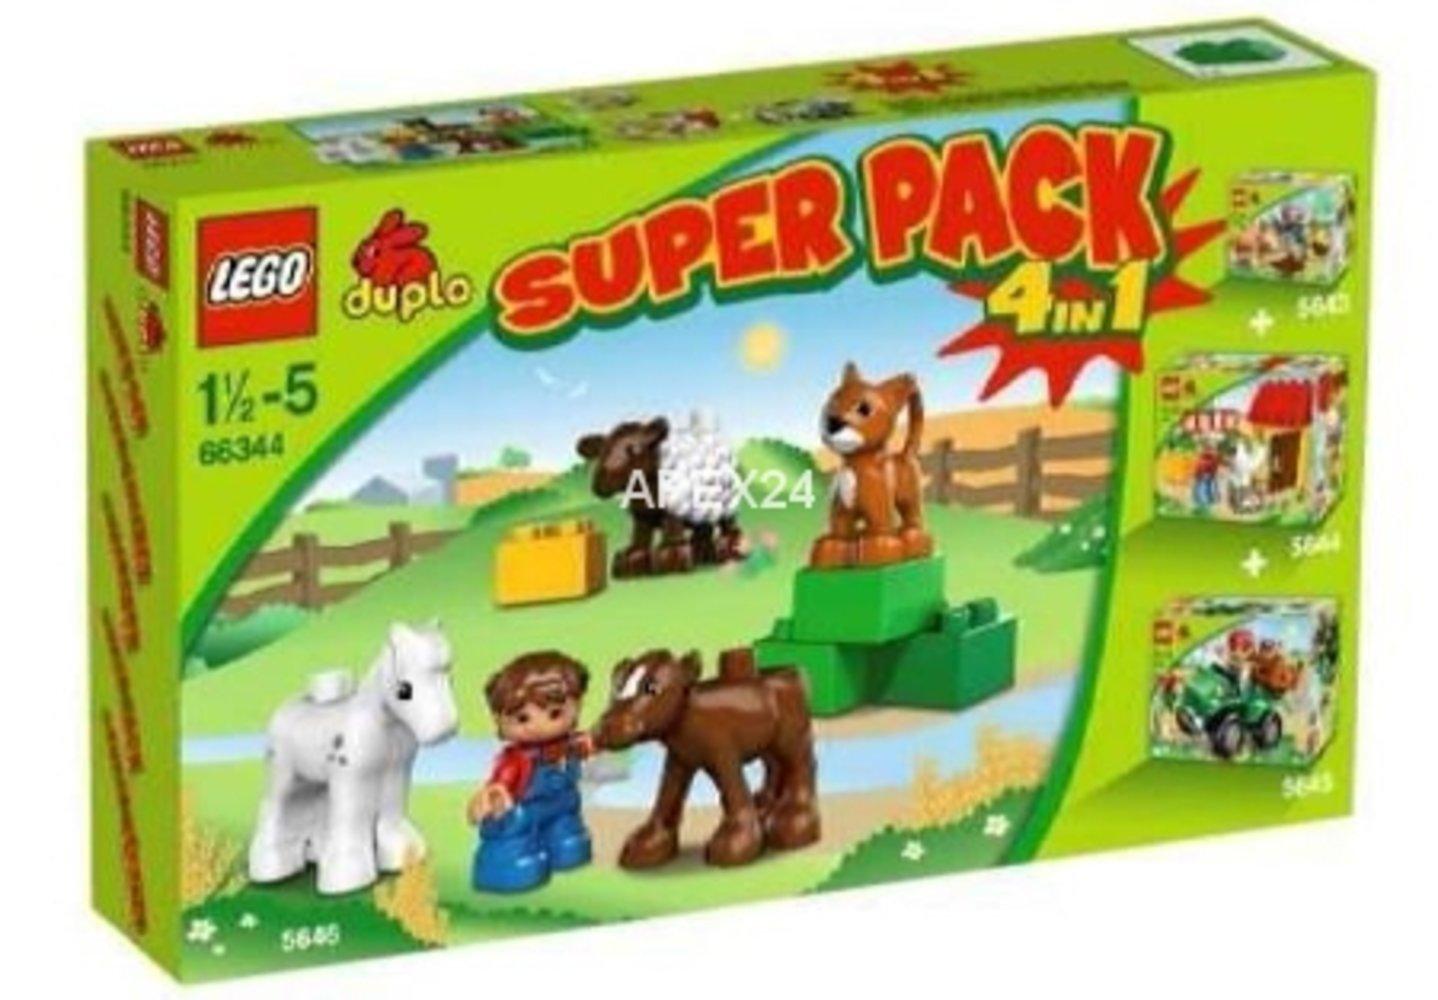 Super Pack 4 in 1